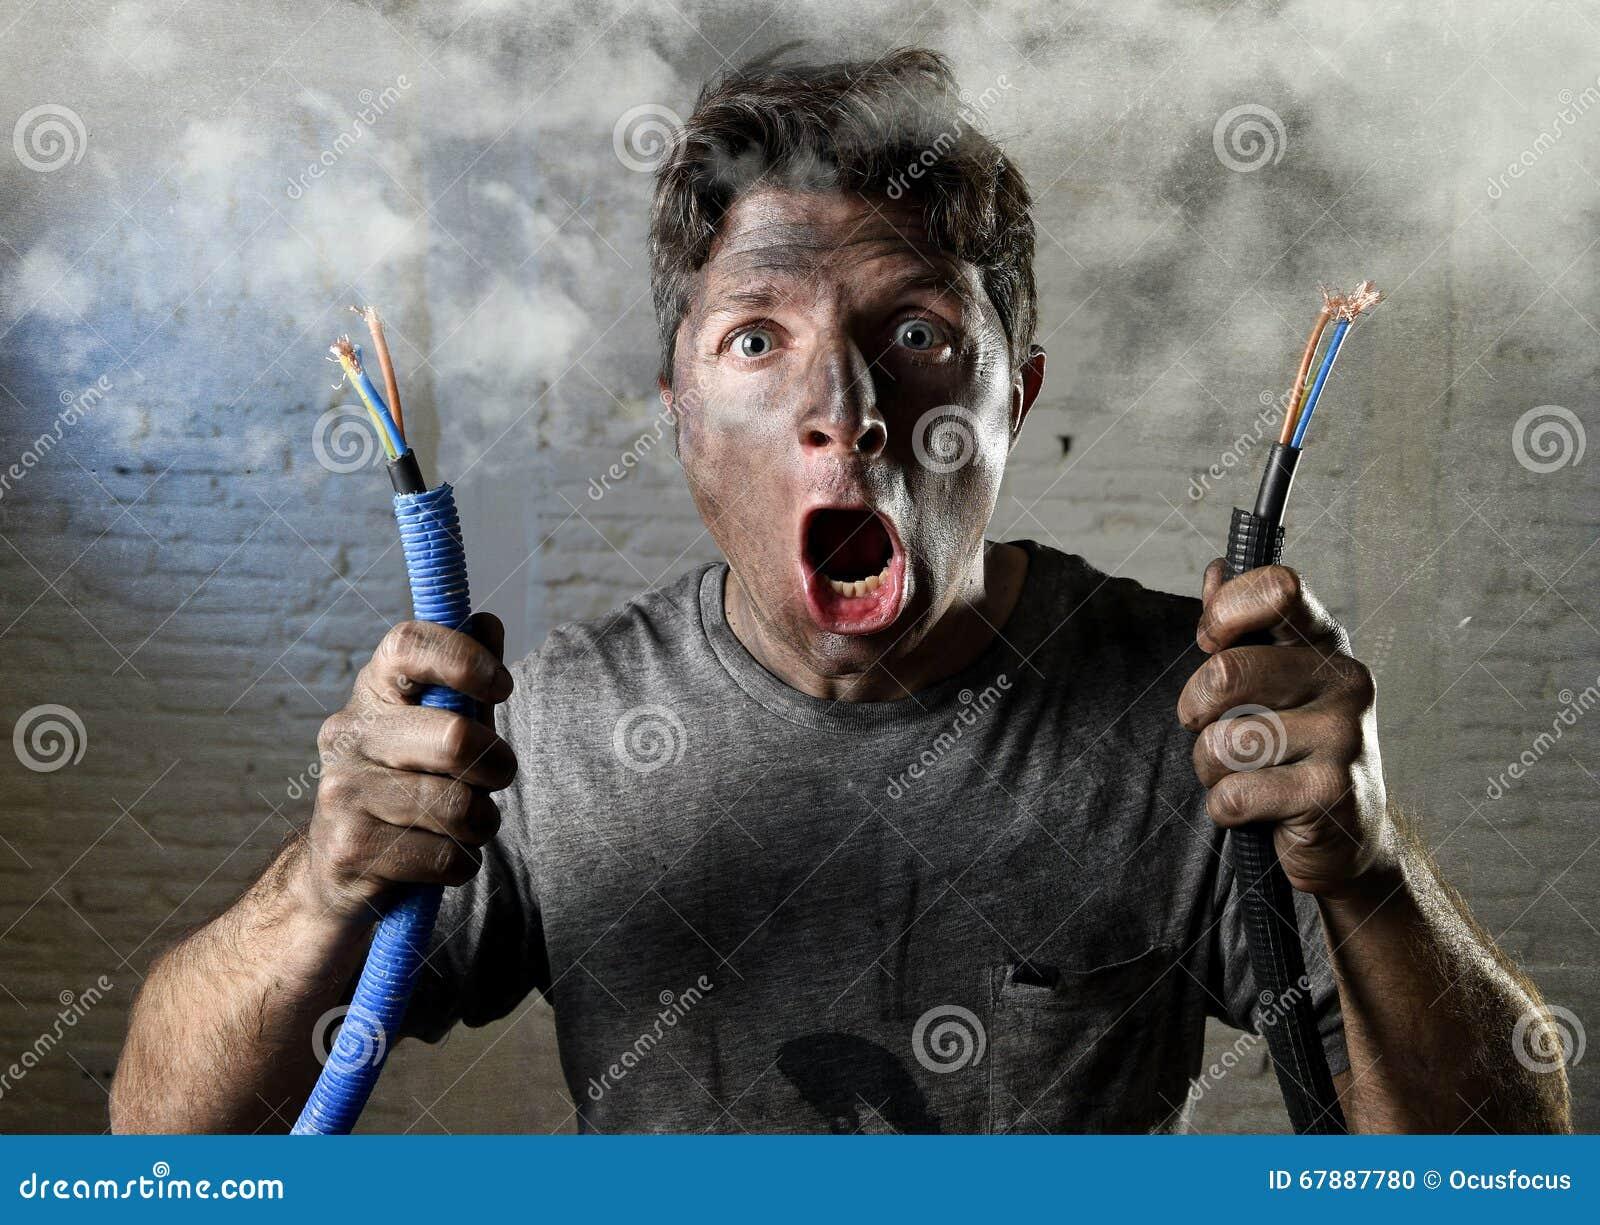 Непрофессиональный человек соединяя электрический кабель страдая электрическую аварию с пакостной, который сгорели стороной в сме